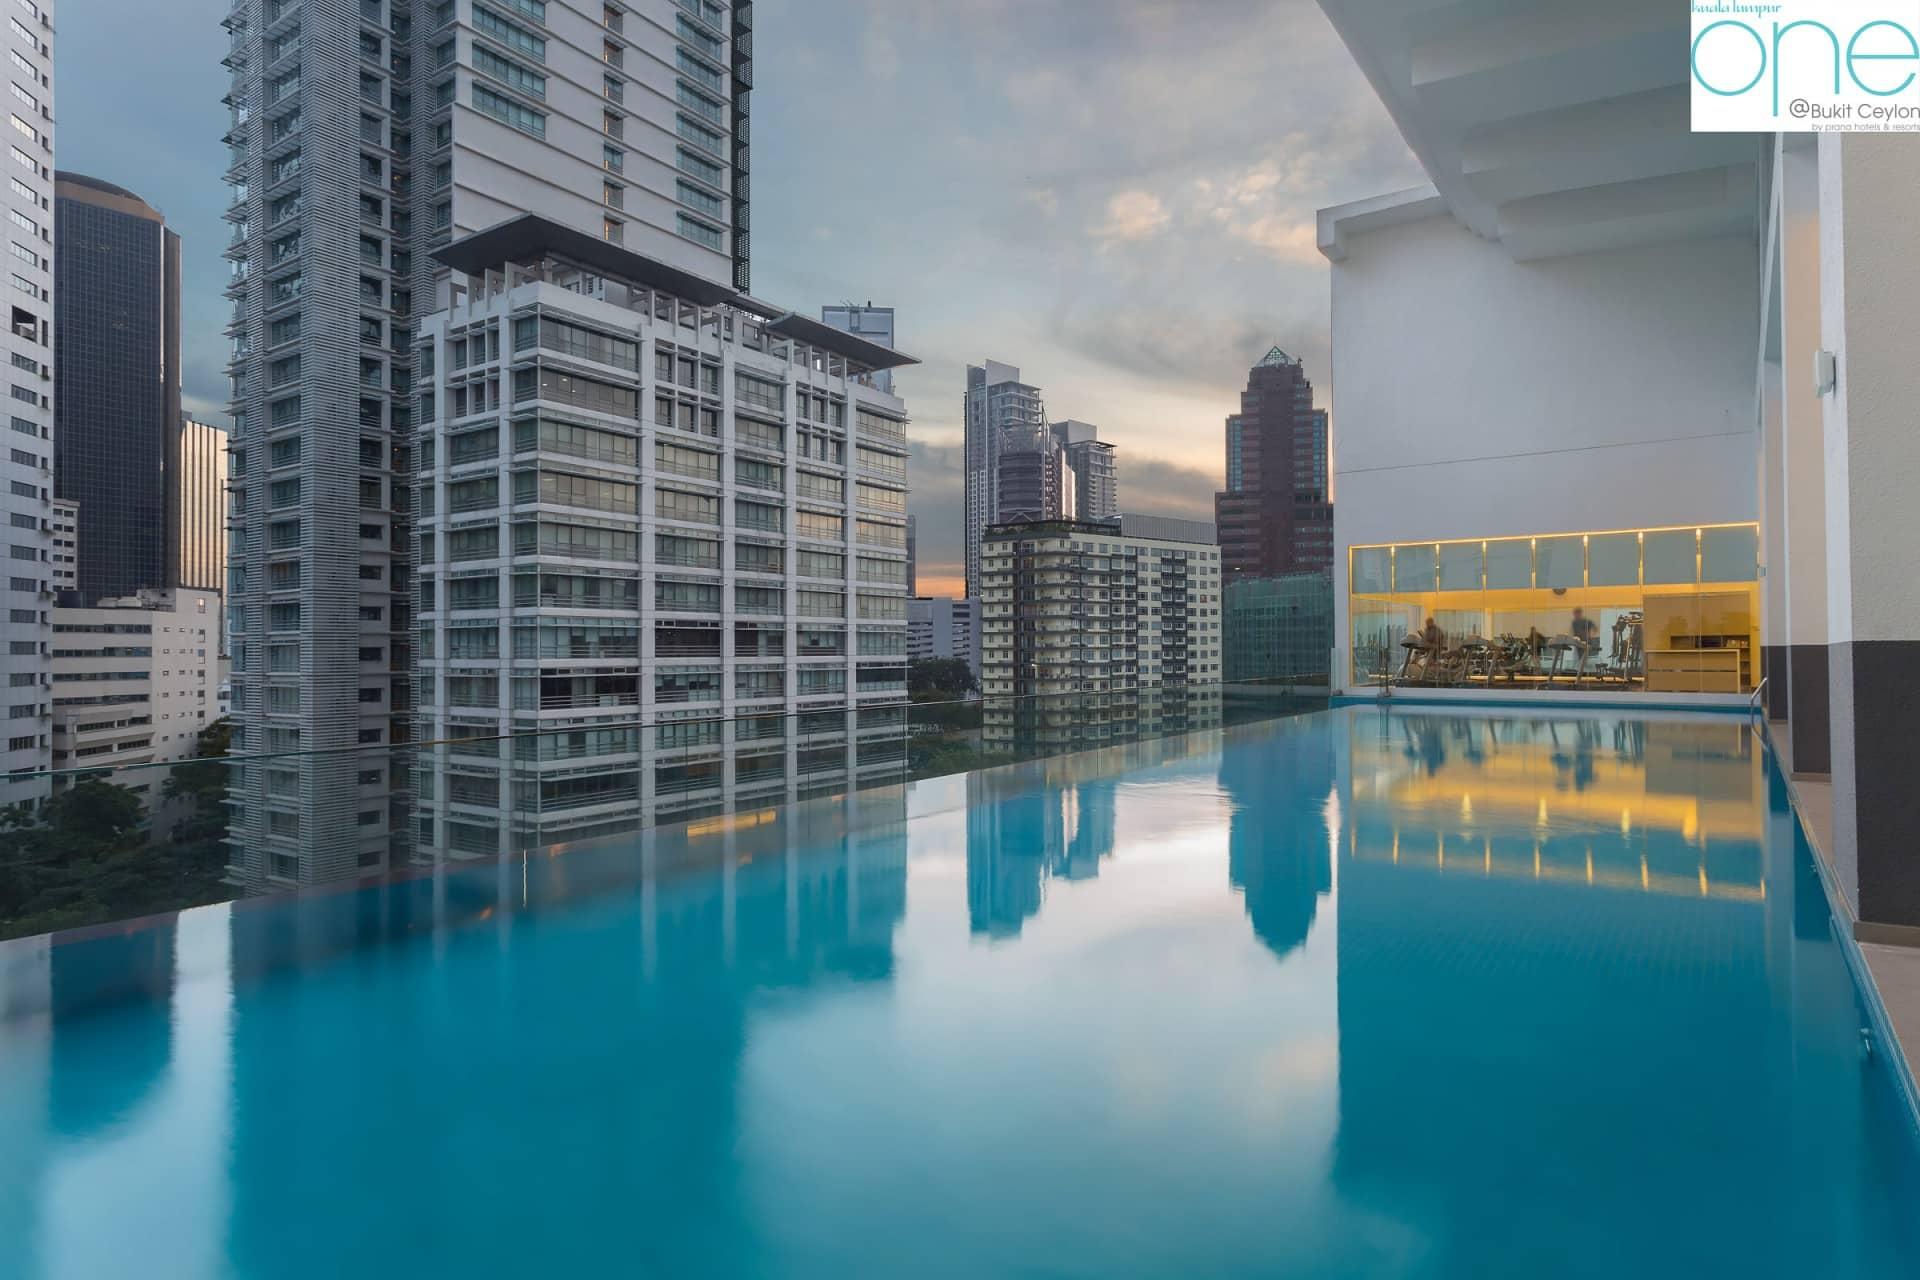 Top Architecture Photographer Kuala Lumpur Malaysia | Prana Resorts Bukit Ceylon Swimming Pool Photography